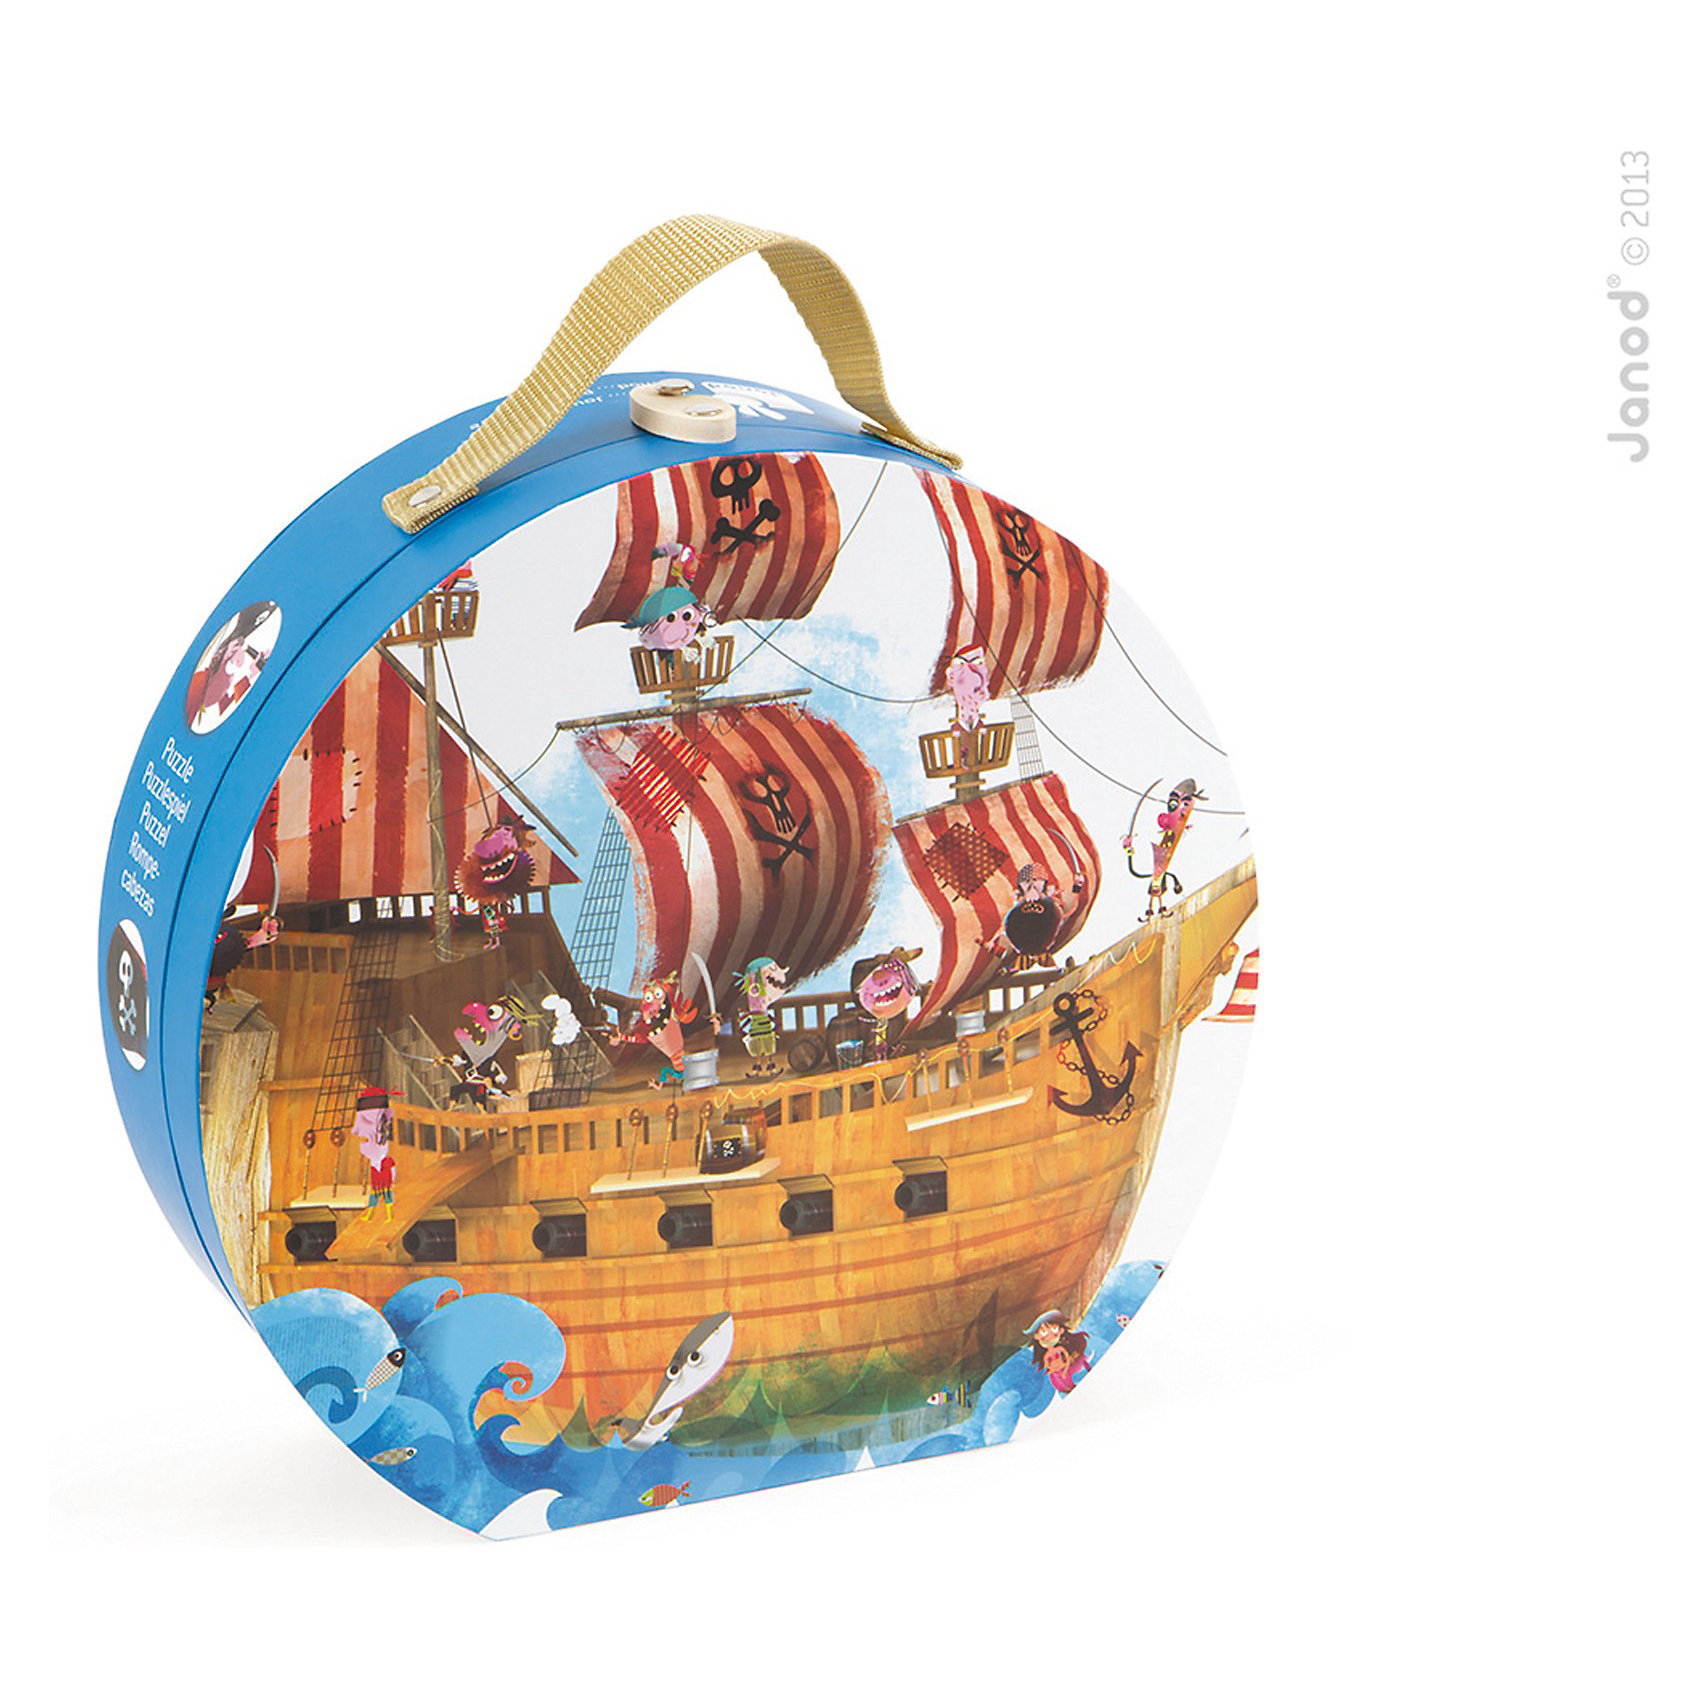 Пазл в круглом чемоданчике Пиратский корабль, 39 деталей,  JanodПазлы - отличный способ развивать способности ребенка в игровой форме. Собирать разные изображения из деталей - любимое занятие многих детей. Эта игра очень удобна - ее можно брать с собой в дорогу, благодаря продуманной форме хранится она очень компактно. Она развивает также мелкую моторику, воображение, логическое мышление, цветовосприятие. Такая игра надолго занимает детей и помогает увлекательно провести время!<br>Пазл в круглом чемоданчике Пиратский корабль состоит из 39 деталей, которые складываются в картинку с пиратами. Пазл упакован в закрывающийся чемоданчик с ручкой, который очень удобно носить с собой. Игра разработана опытными специалистами, сделана из высококачественных материалов, безопасных для детей.<br><br>Дополнительная информация:<br><br>материал: картон;<br>размер пазла: 106 х 85,5 см;<br>размер упаковки: 28х 27 х 9 см;<br>качественная полиграфия;<br>комплектация: круглый чемодан; 39 элементов.<br><br>Пазл в круглом чемоданчике Пиратский корабль, 39 деталей,  от компании Janod можно купить в нашем магазине.<br><br>Ширина мм: 290<br>Глубина мм: 283<br>Высота мм: 114<br>Вес г: 1193<br>Возраст от месяцев: 48<br>Возраст до месяцев: 84<br>Пол: Унисекс<br>Возраст: Детский<br>Количество деталей: 39<br>SKU: 3635552